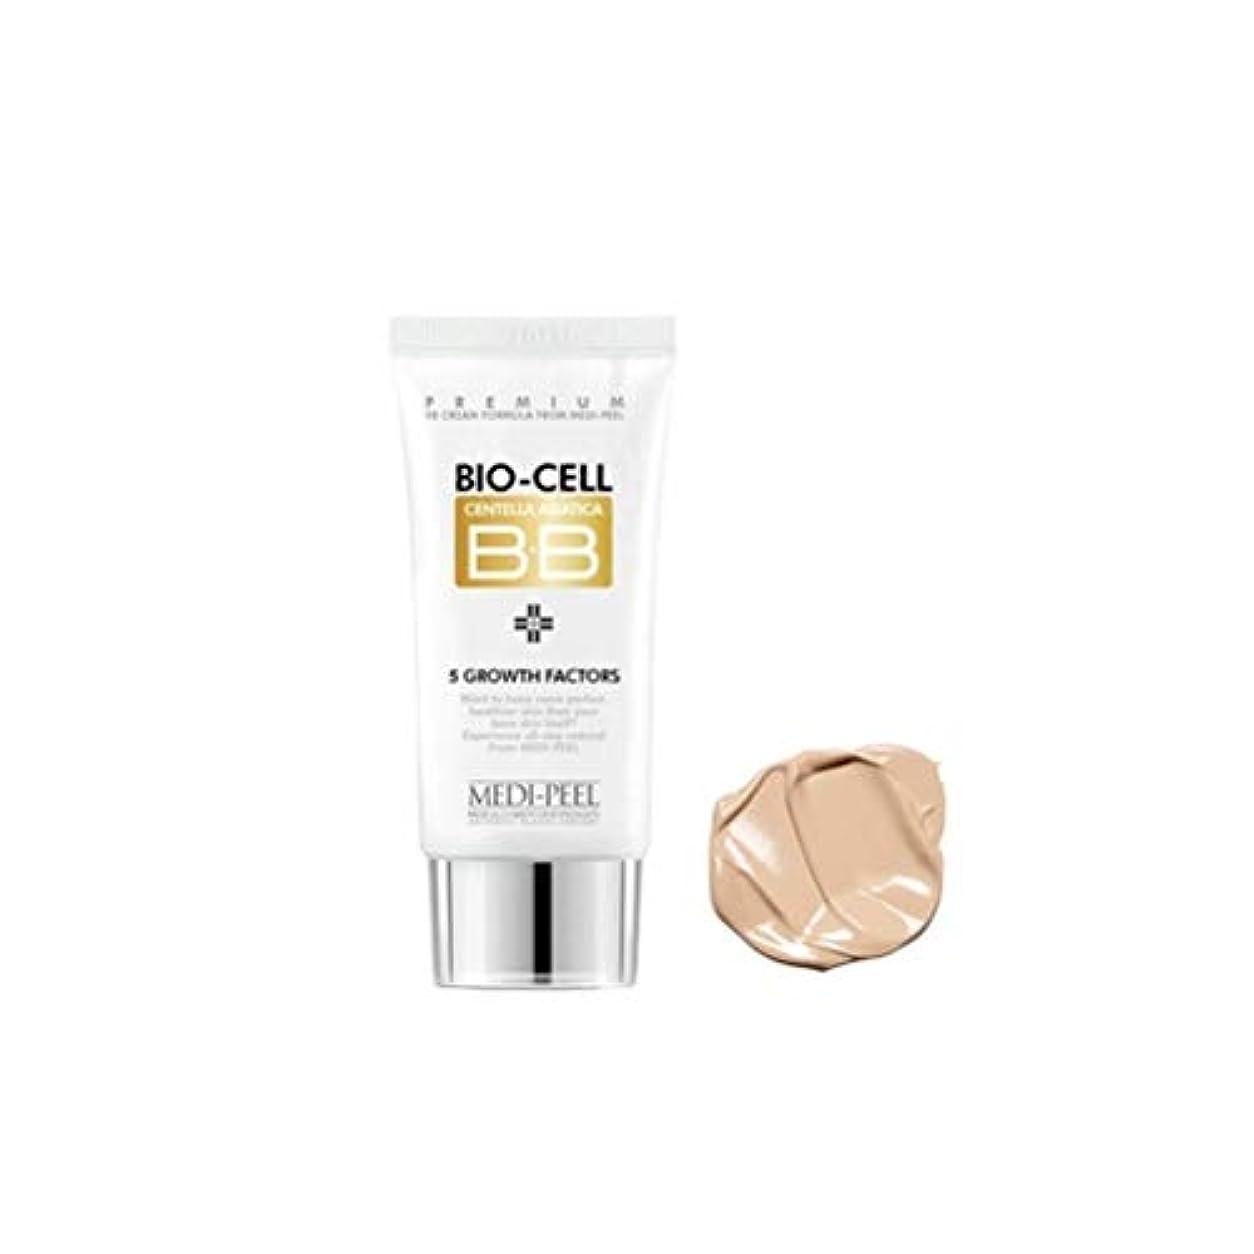 旅サロンネット[Medi-Peel] メディピール バイオセル BBクリーム 50ml. [美.白?シワ.改善2重機能性化粧品] Medi-Peel Bio-cell BB Cream 50ml.